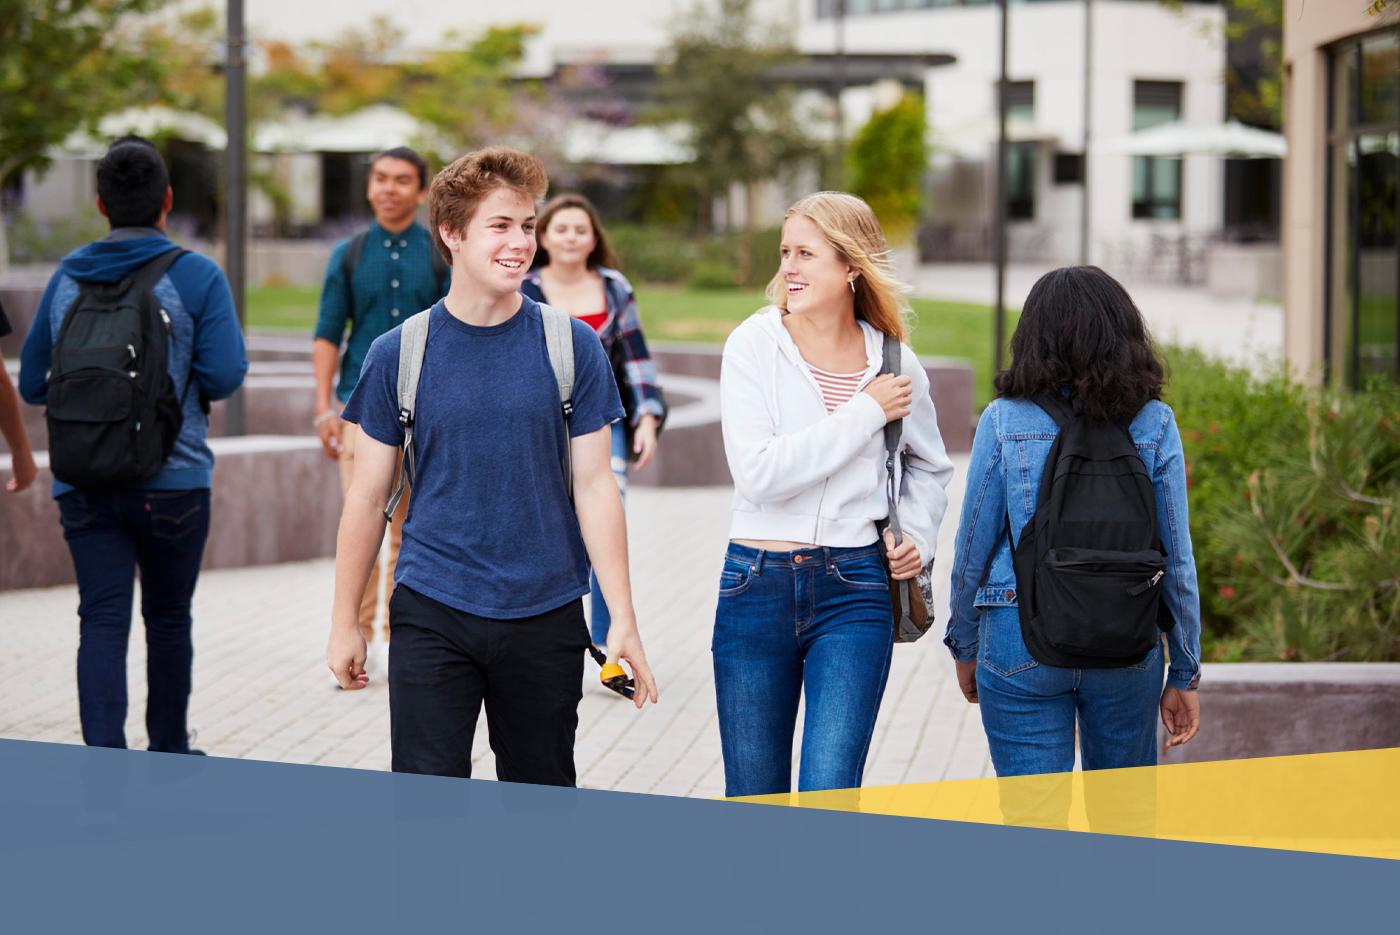 students walking outside of school